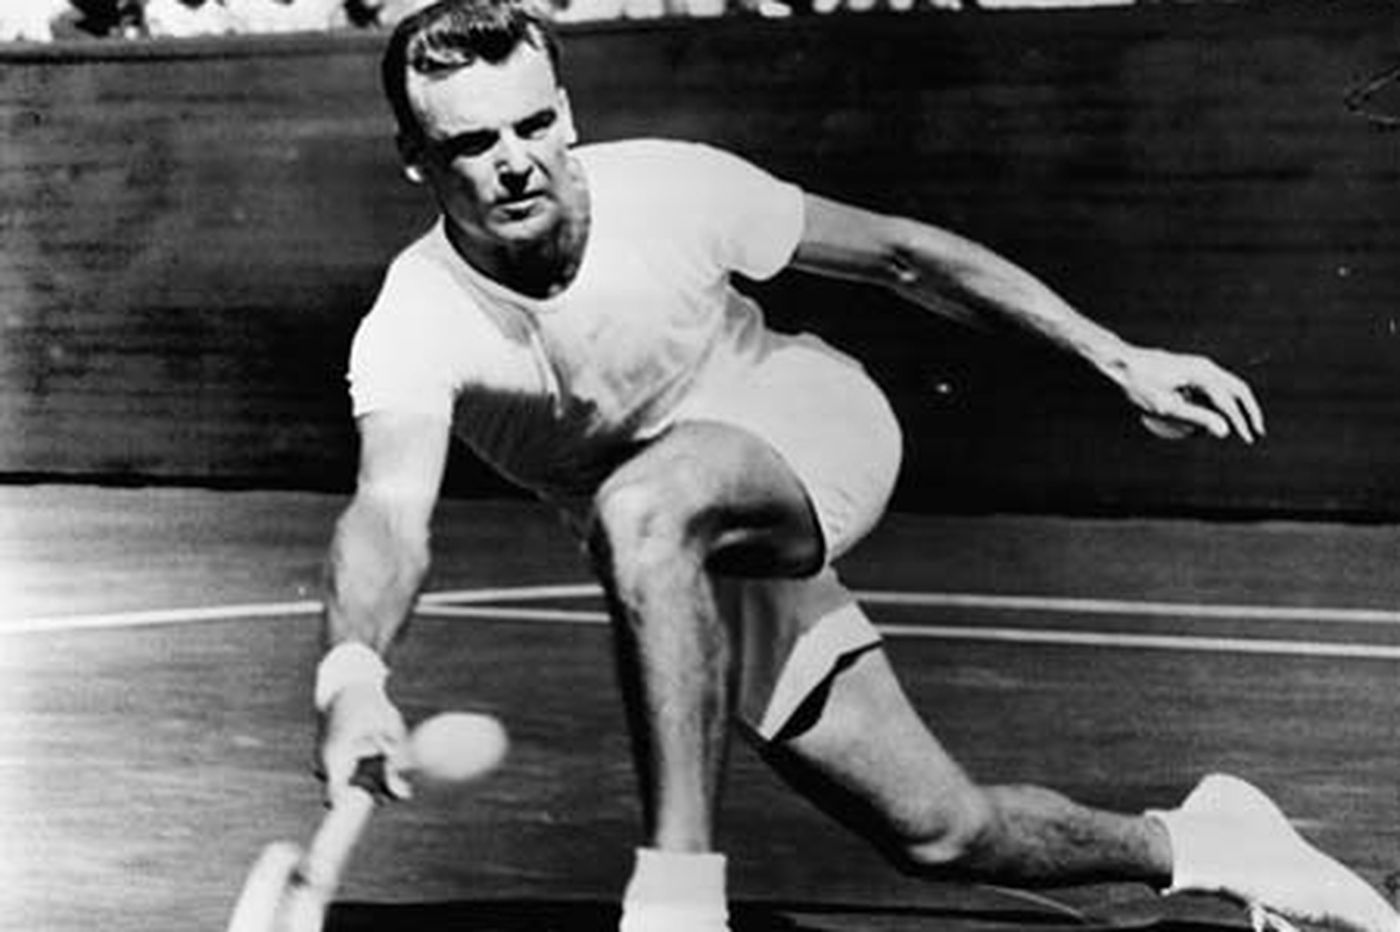 1953 Wimbledon champ Vic Seixas, now 96, got his start on the courts of Philadelphia